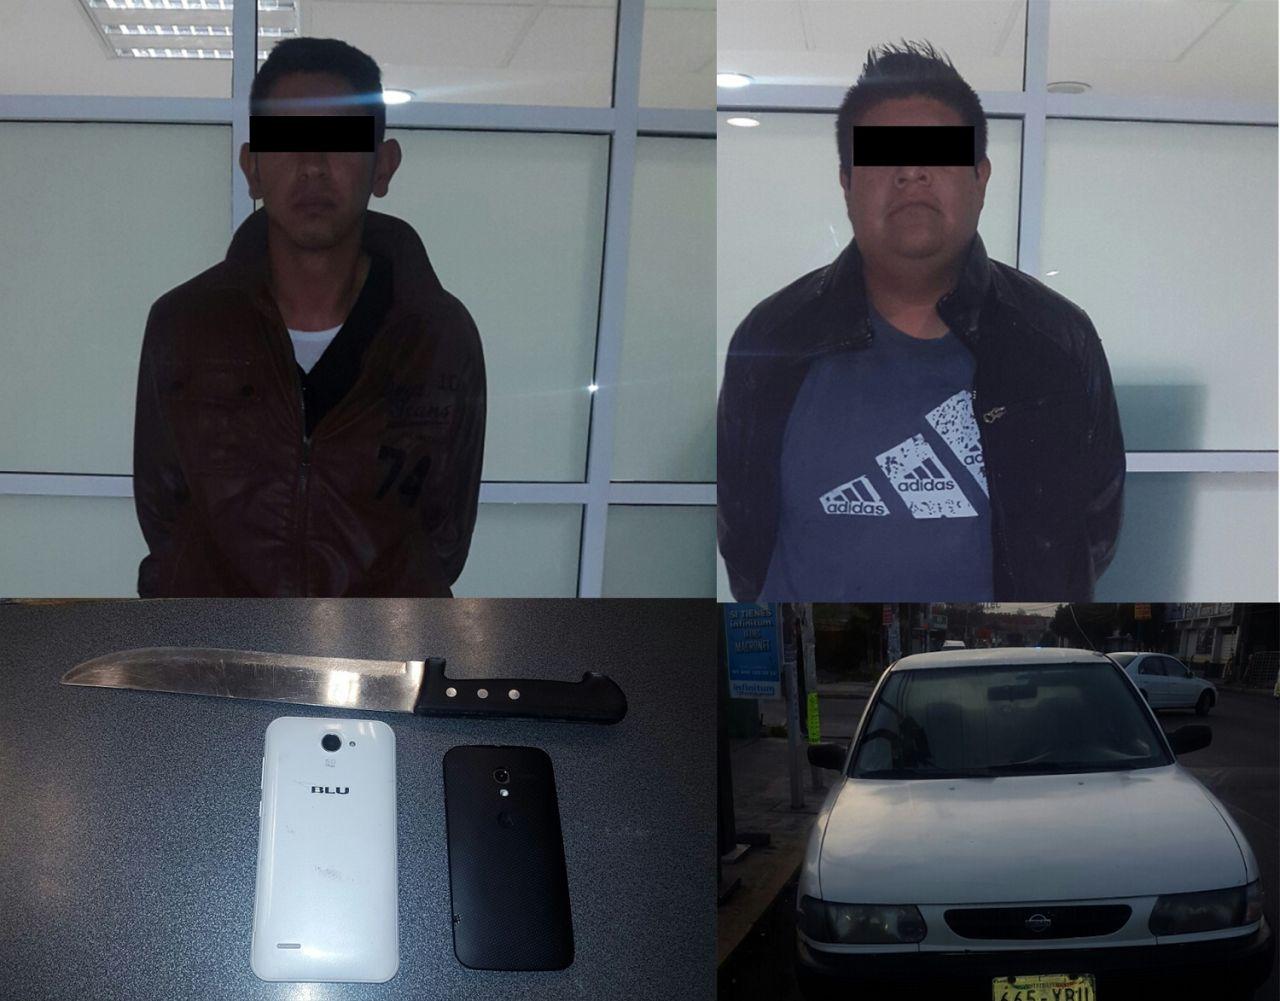 Capturan a dos asaltantes en vehículo robado en Chimalhuacán